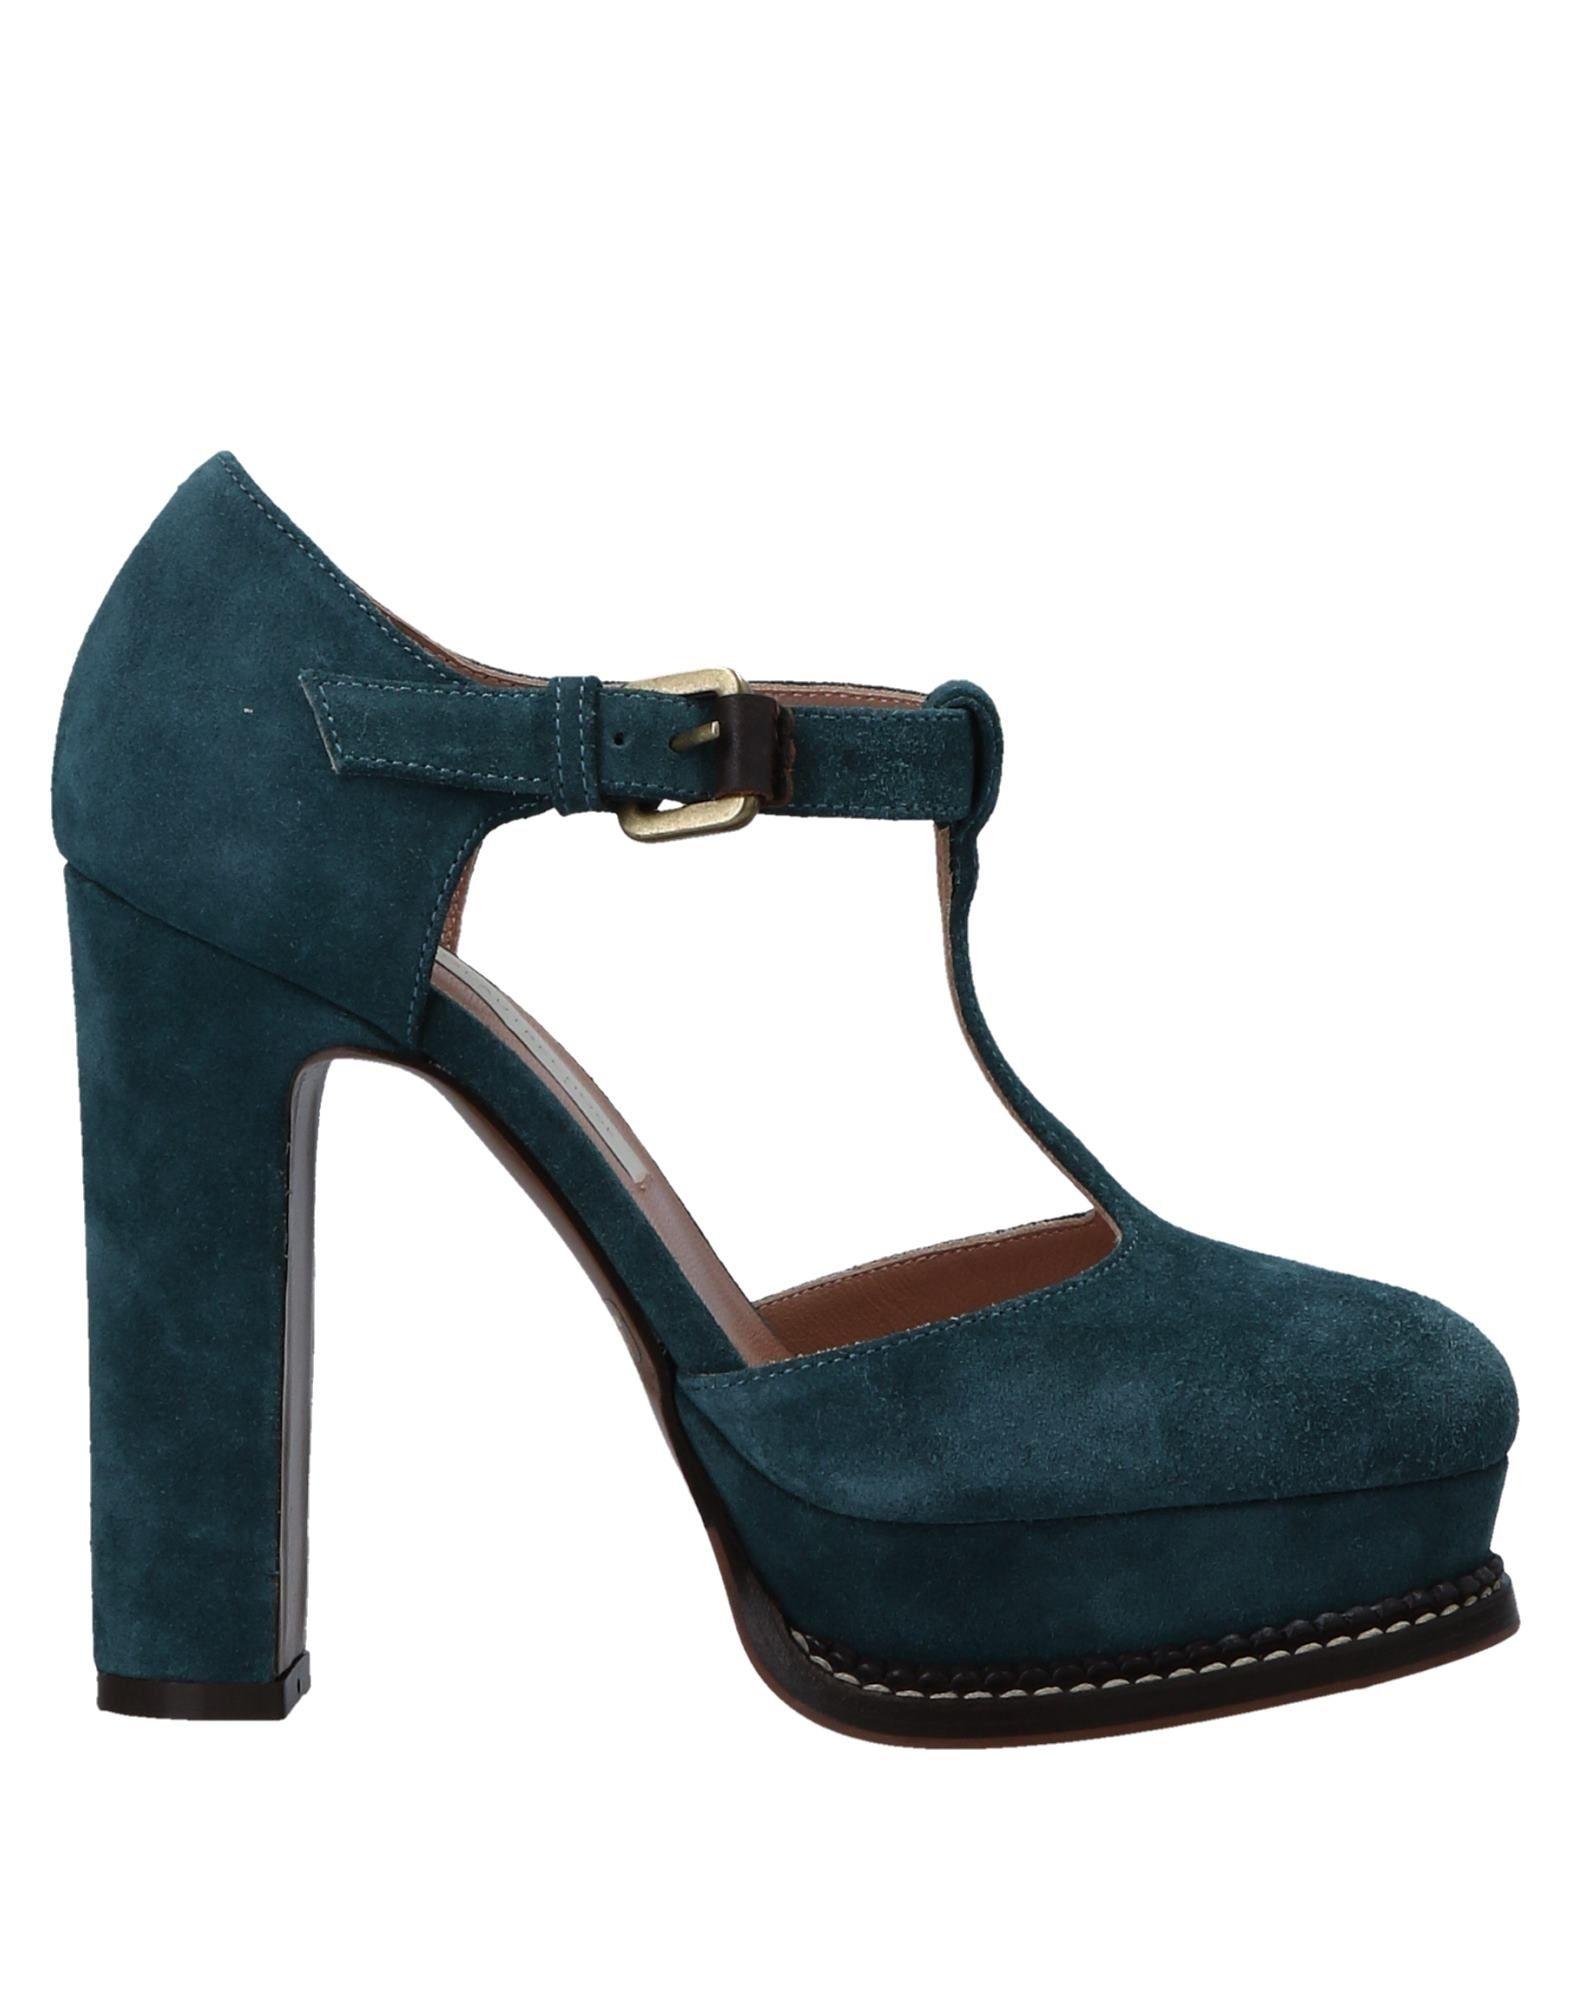 Rabatt Schuhe L' Autre Chose 11558317FH Sandalen Damen  11558317FH Chose f46906